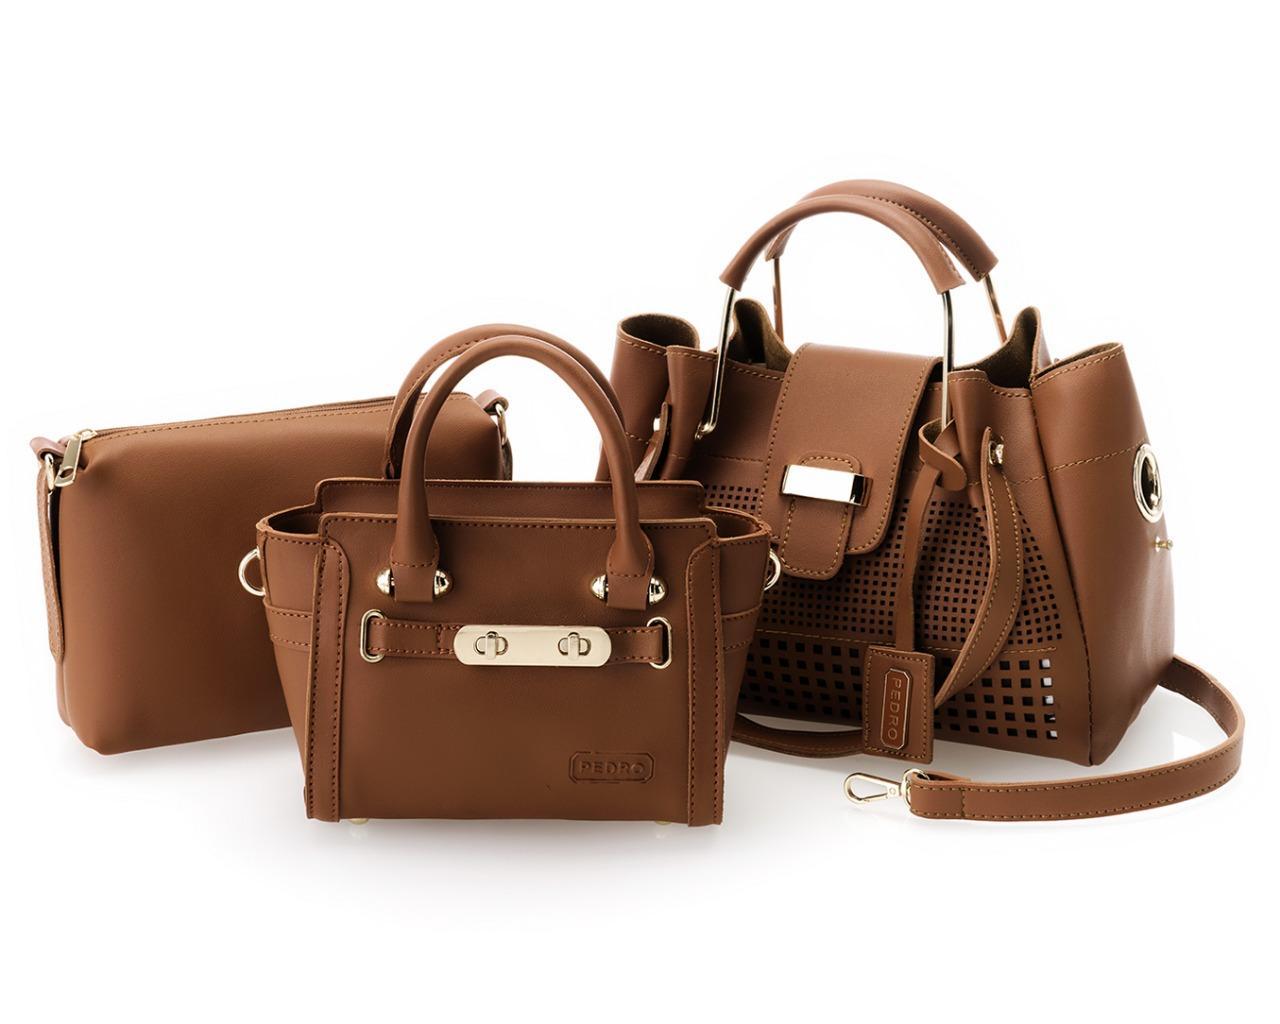 Fitur Handbag Pedro 770 3 Tas Fashion Pria Bag Cowok Murah Dan Harga Hand Organizer Tangan Wanita Marissa Ab139